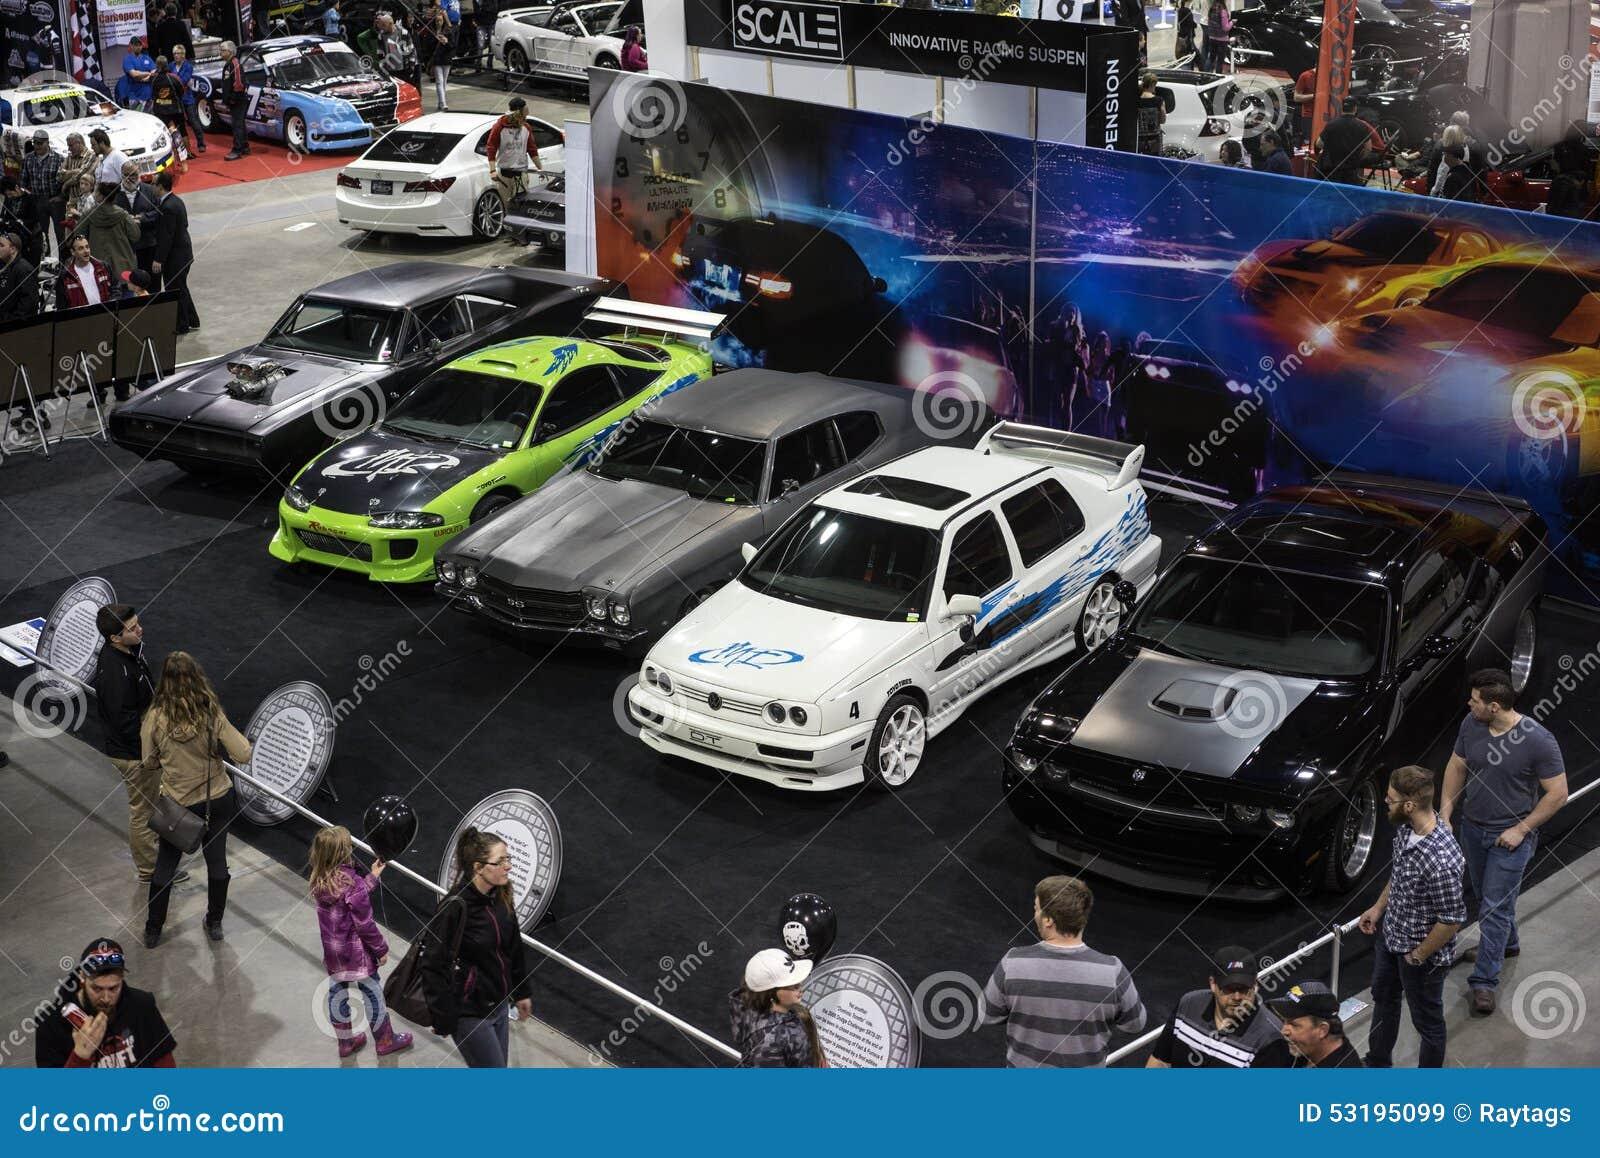 voitures rapides et furieuses image stock ditorial image 53195099. Black Bedroom Furniture Sets. Home Design Ideas